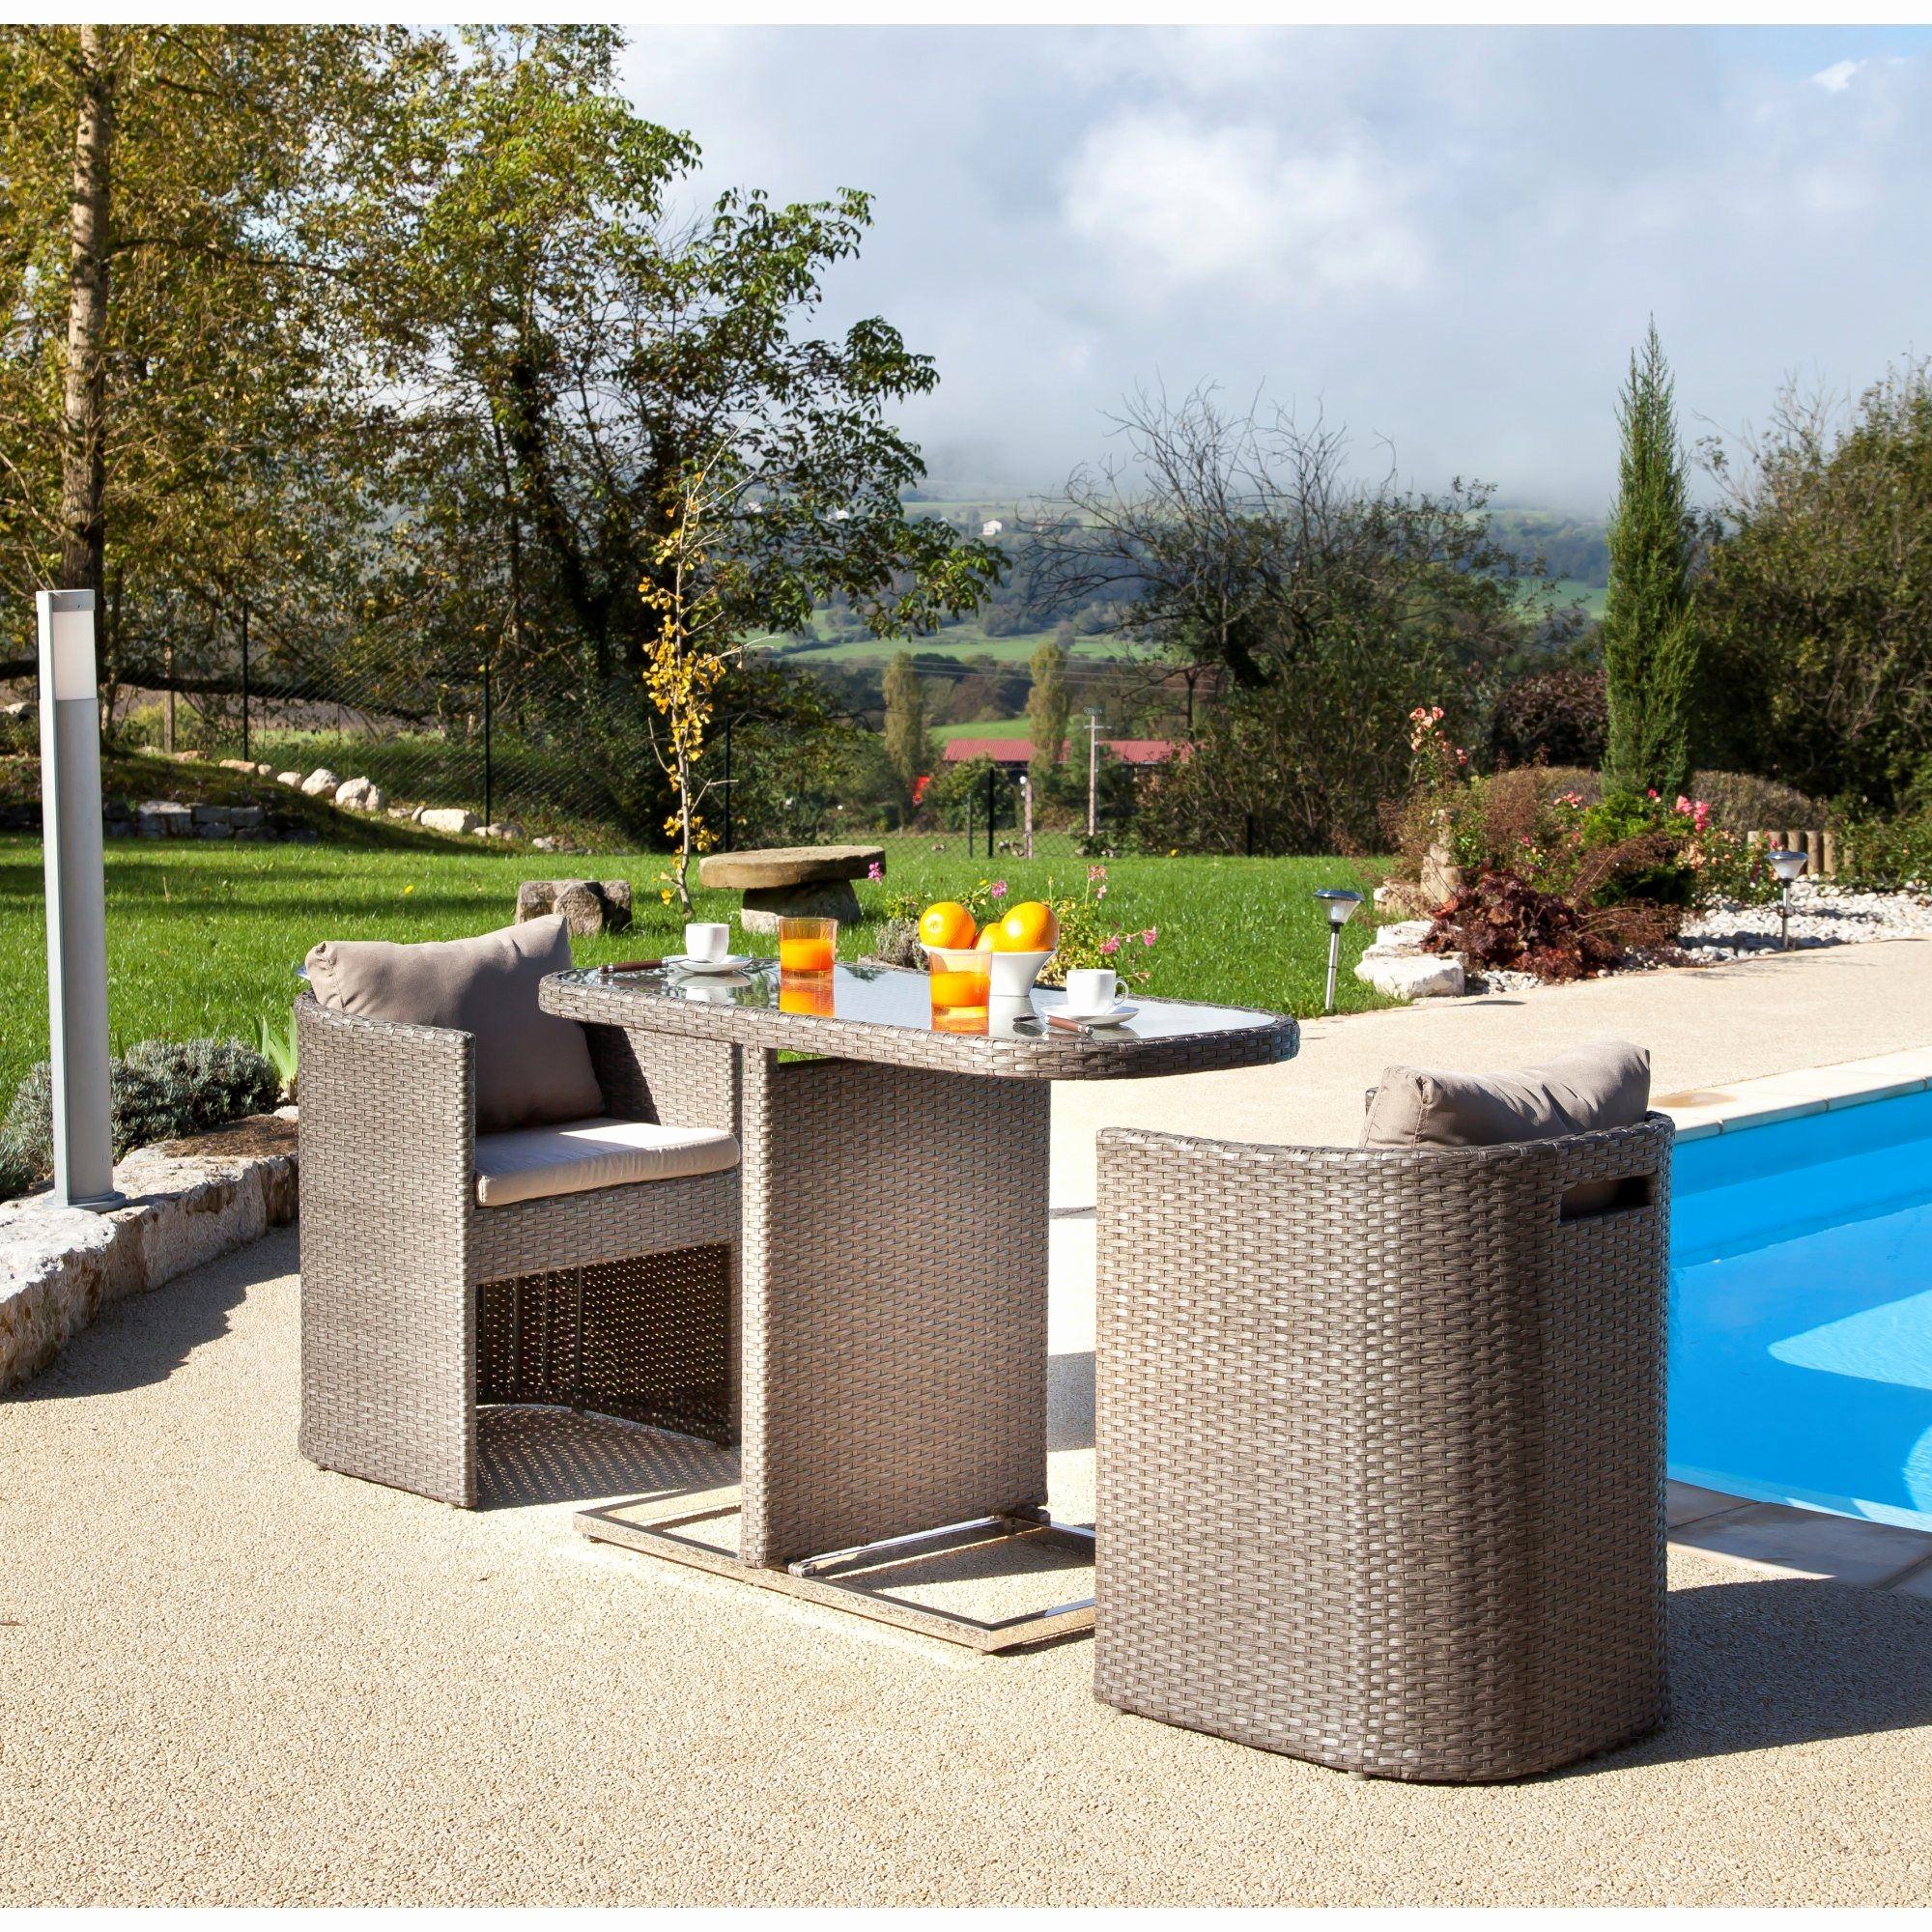 50 Beau Salon De Jardin En Teck Pas Cher - Impressionnant ... concernant Salon De Jardin Pas Cher Auchan